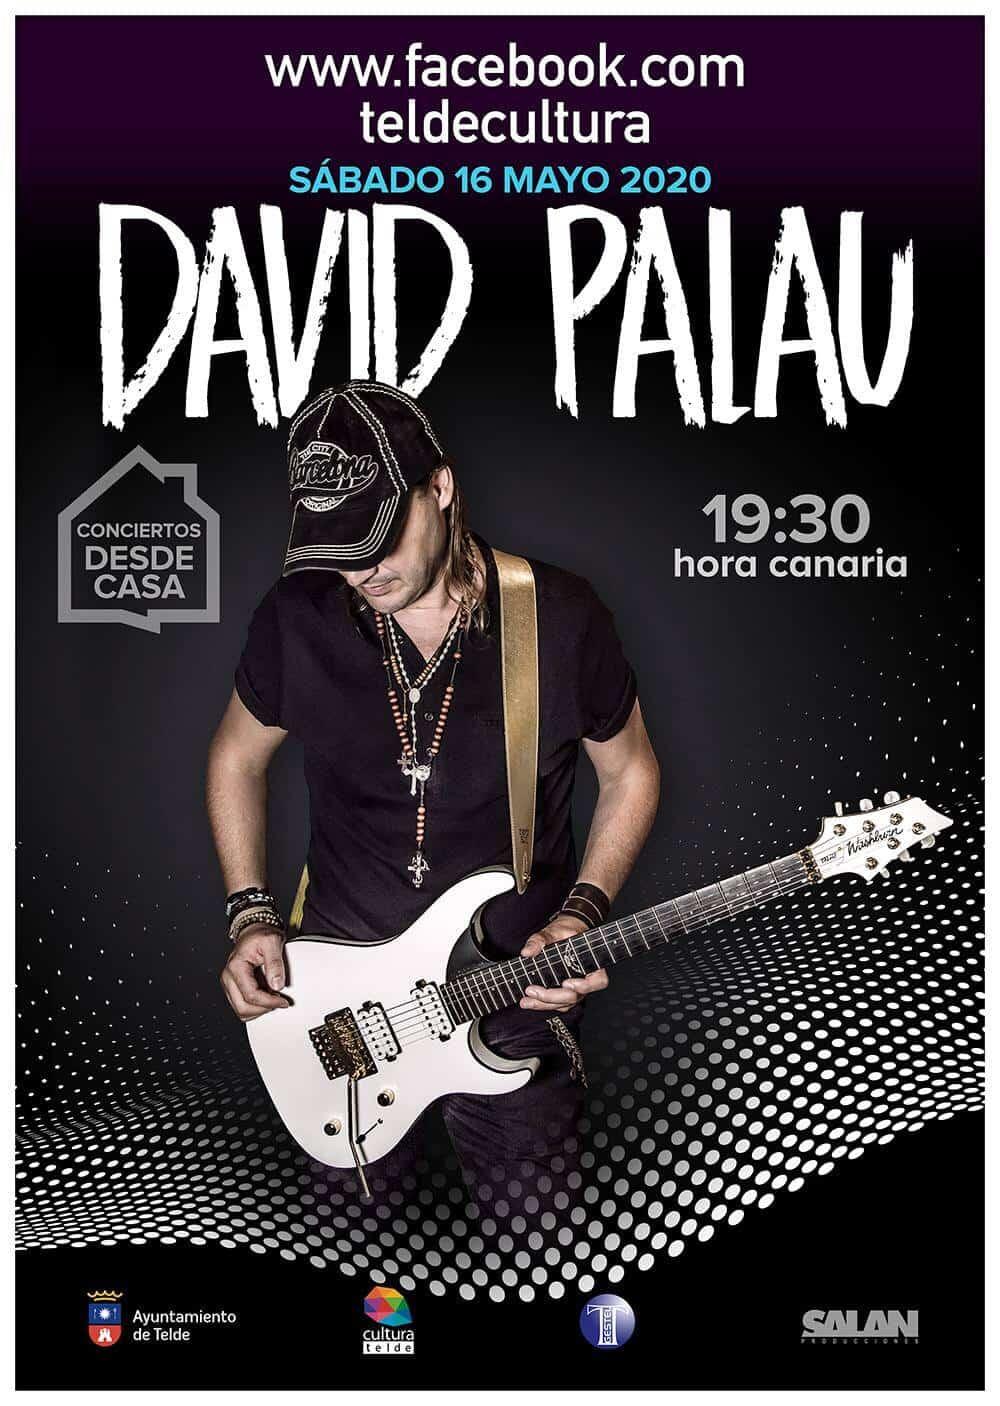 Concierto Online en directo de David Palau